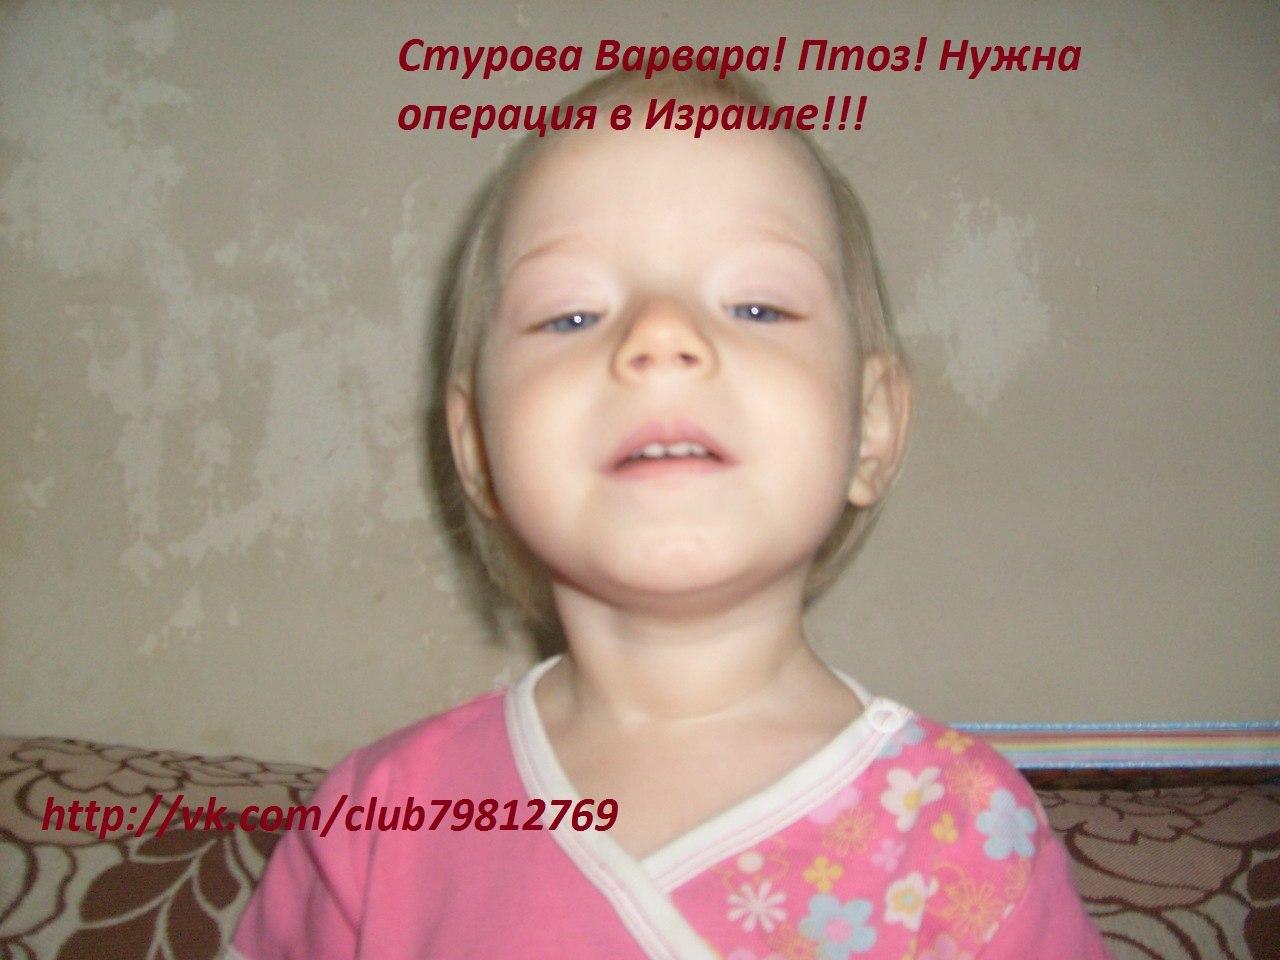 Фото птоза у детей